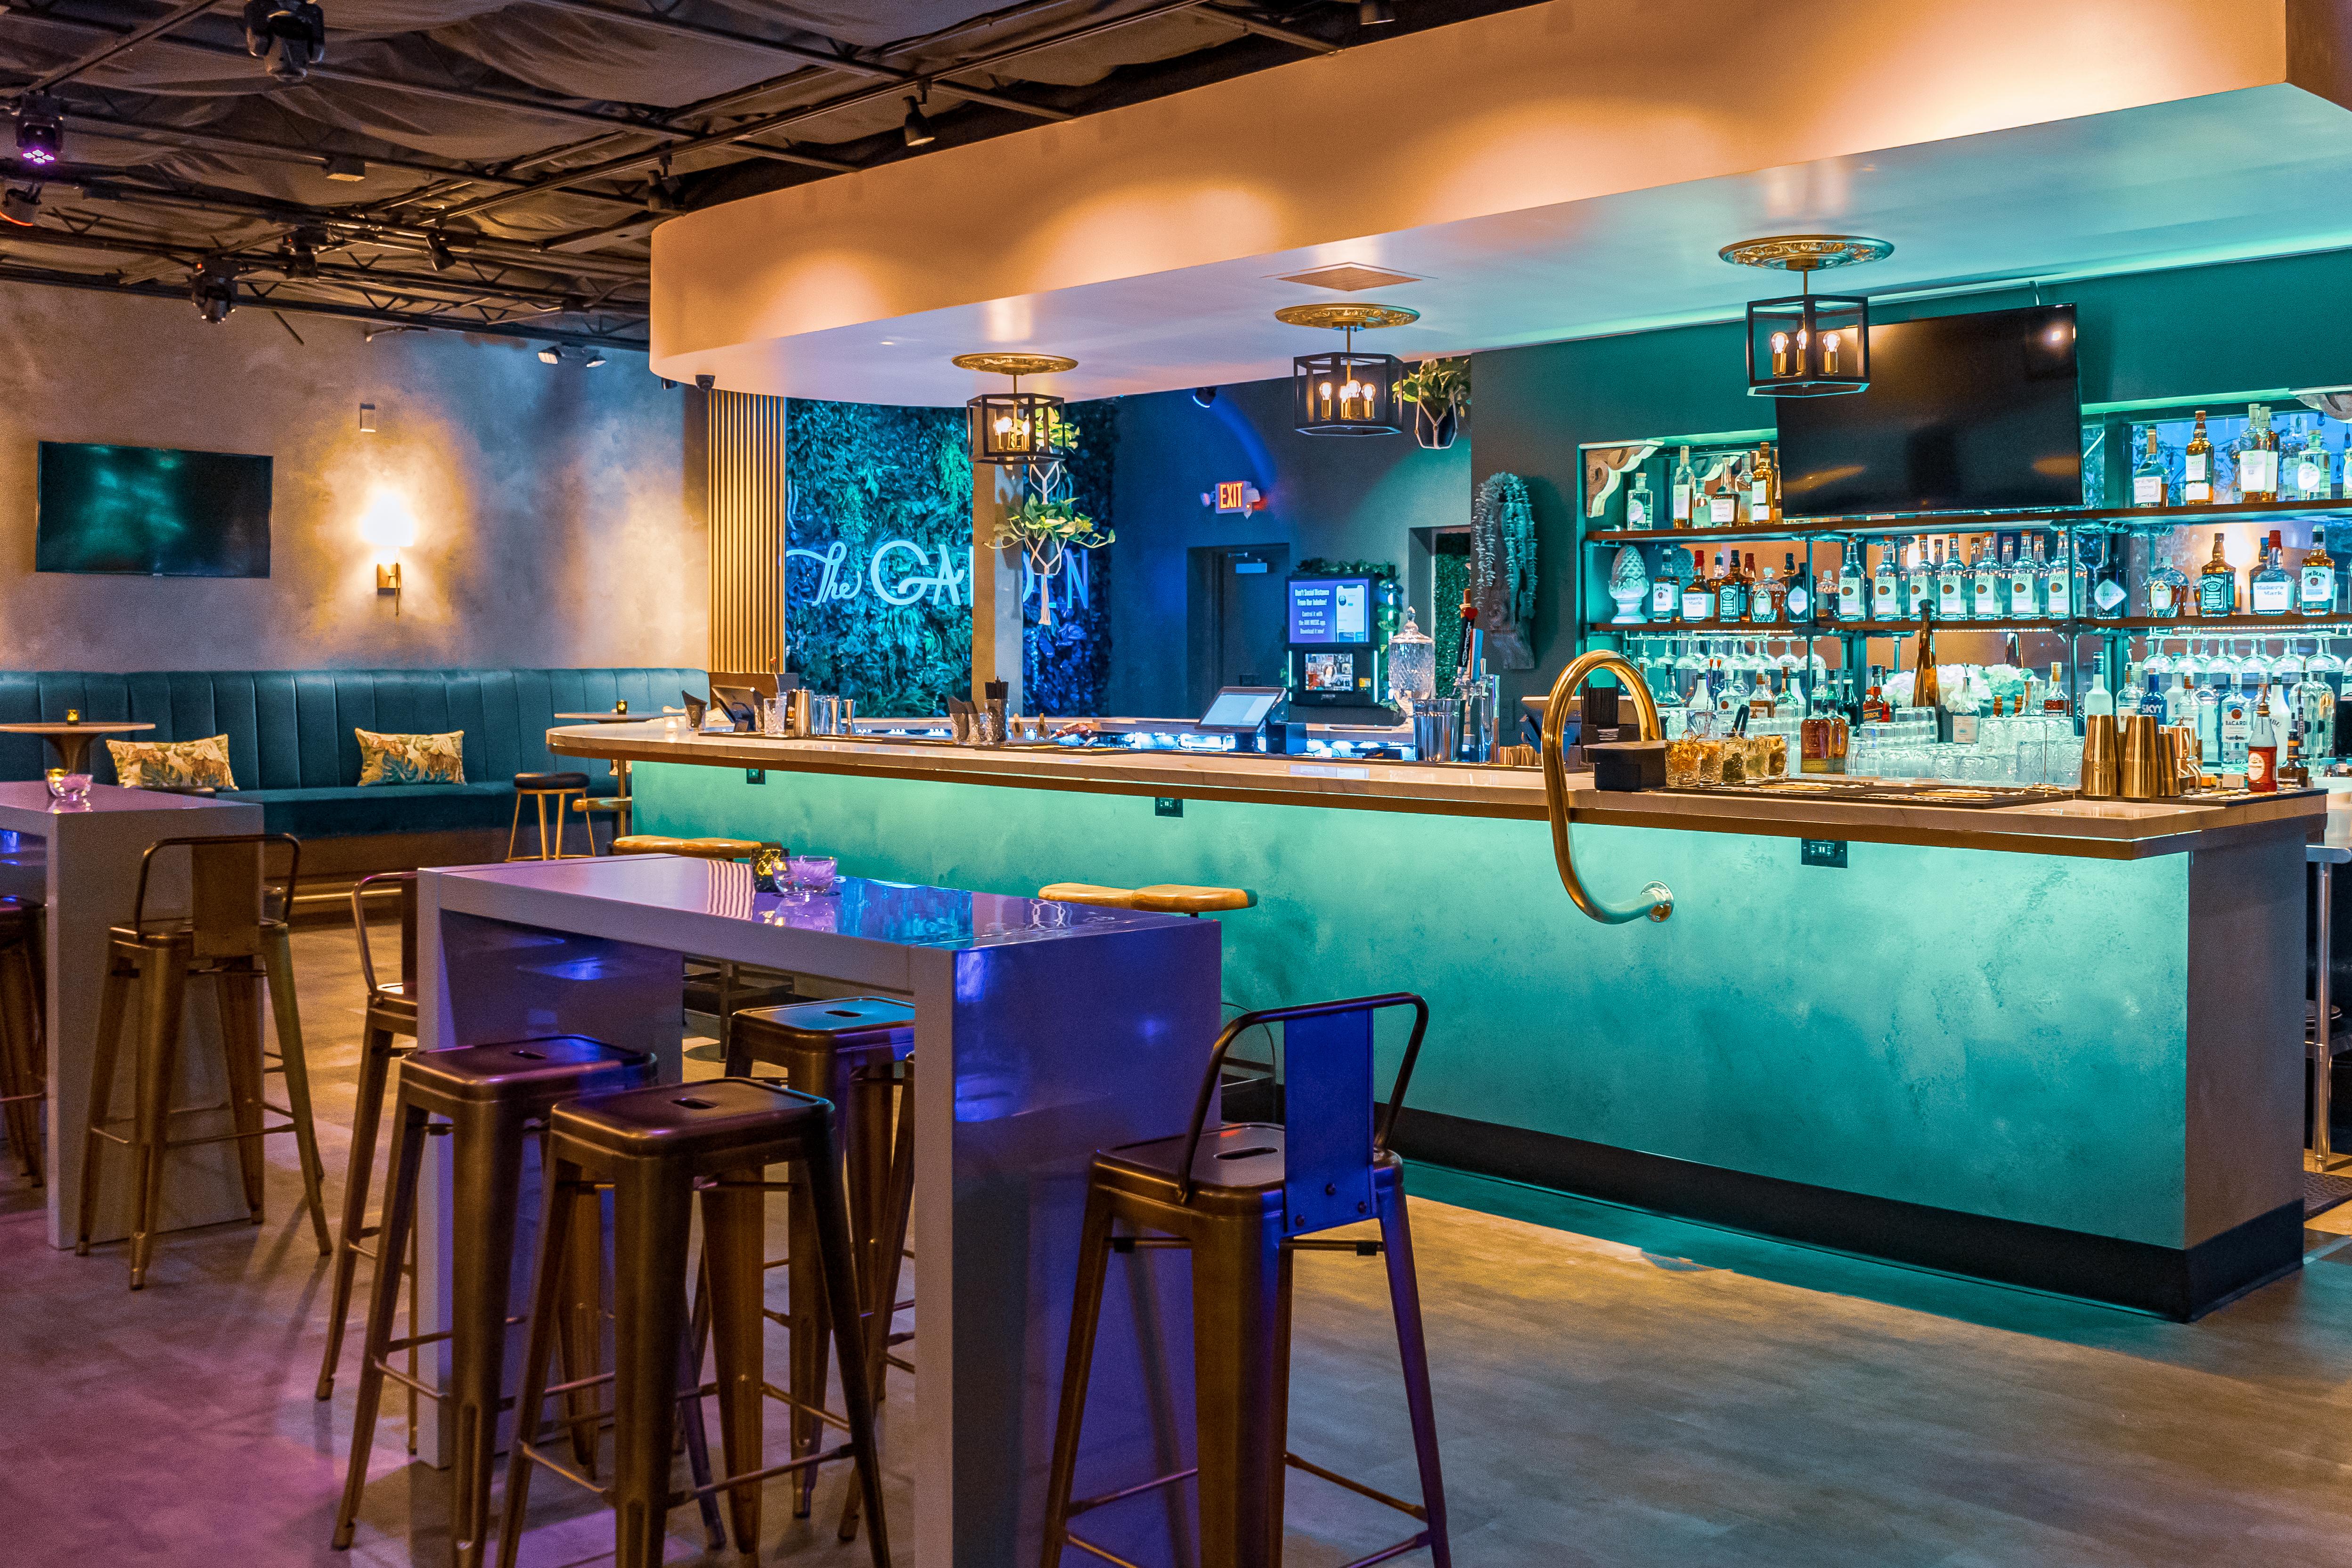 The bar at The Garden